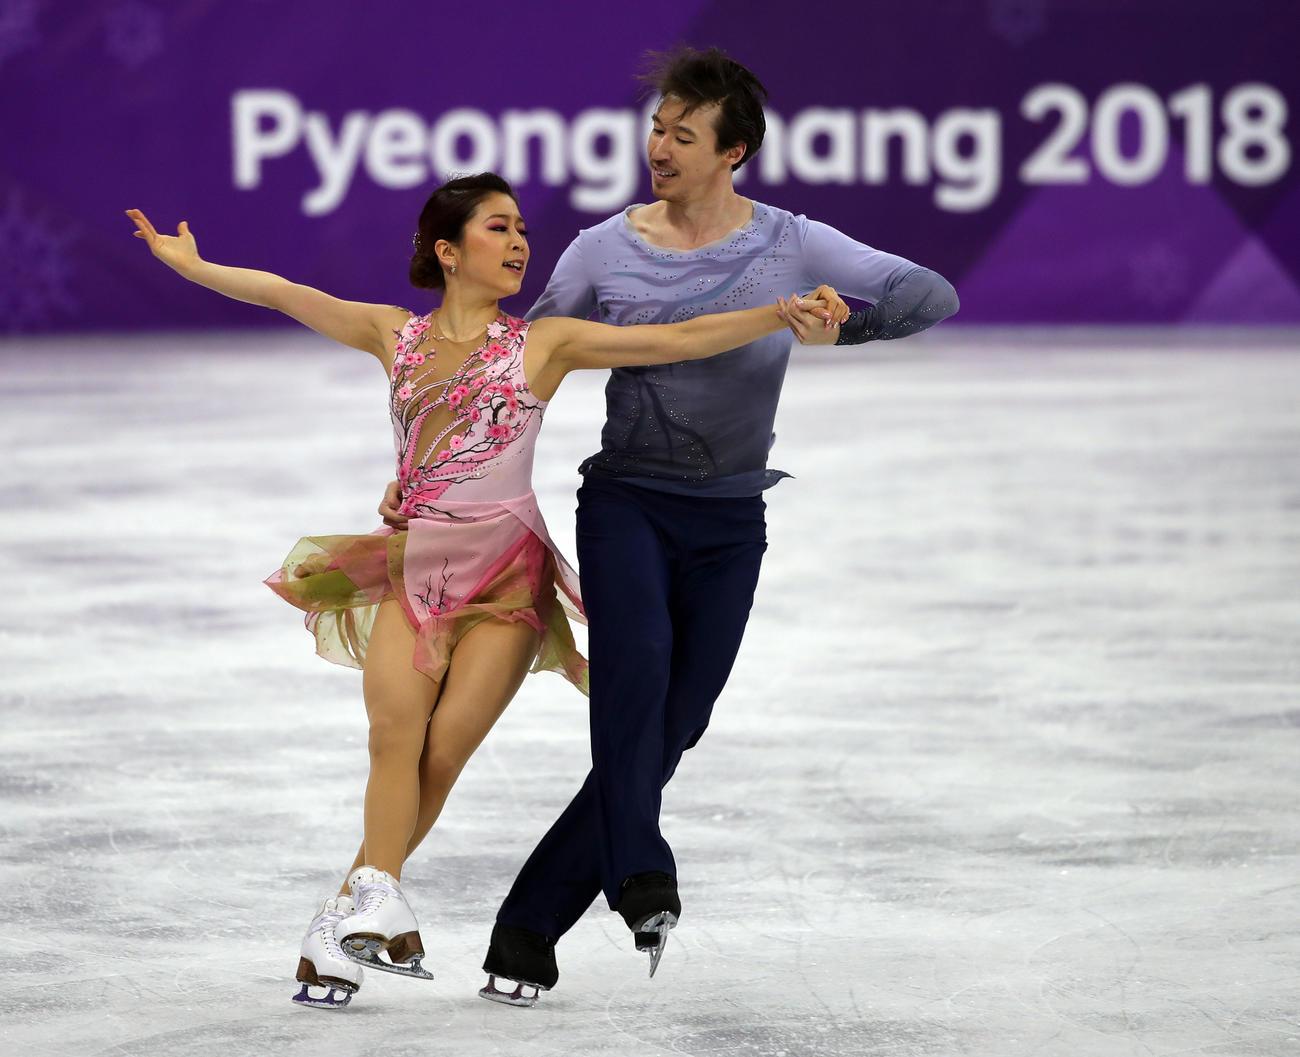 平昌五輪 フィギュアスケート・アイスダンスフリー 演技する村元哉中(左)とクリス・リード(2018年2月20日撮影)